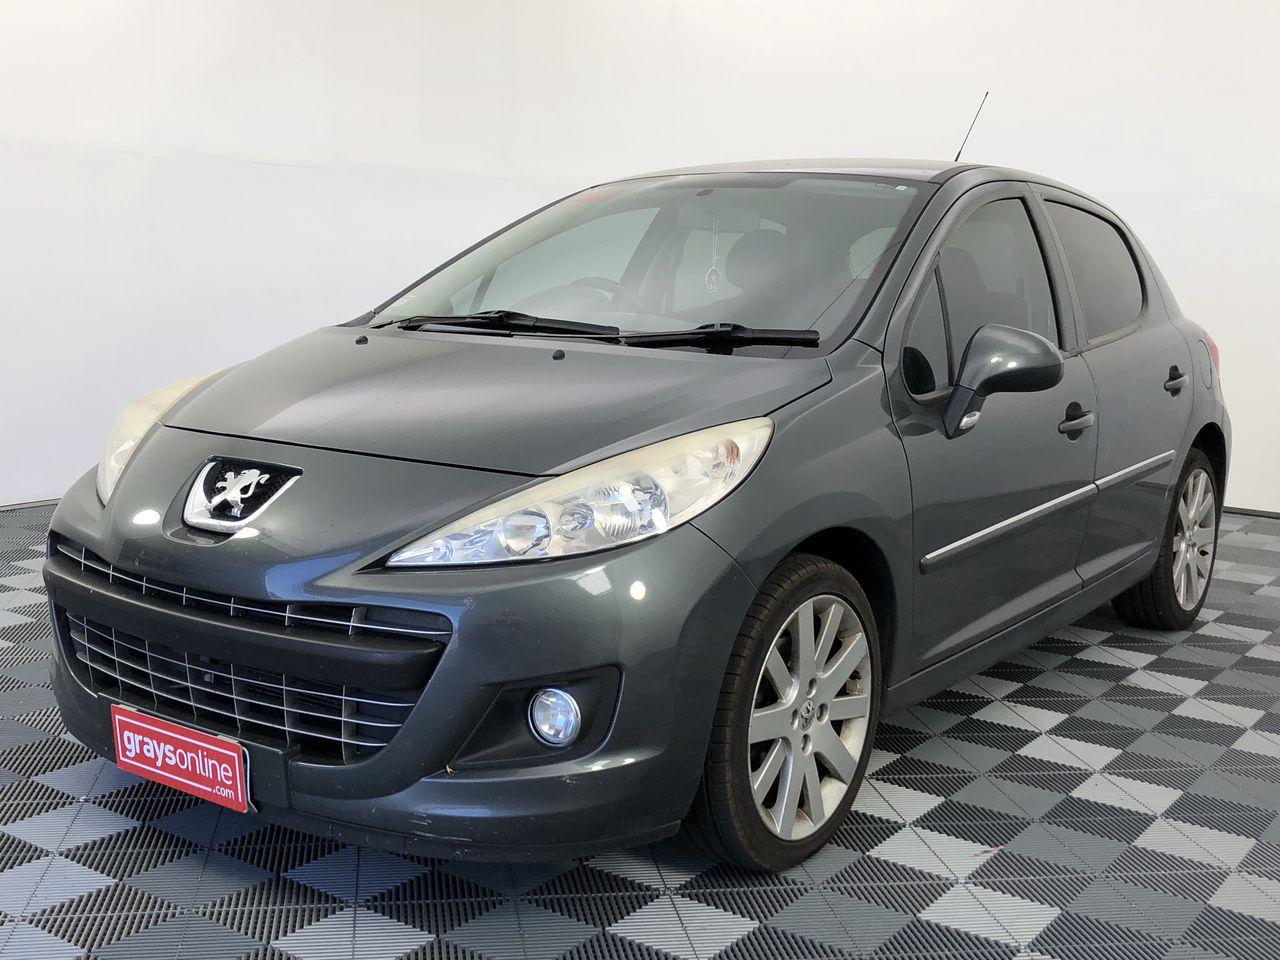 2012 Peugeot 207 Sportium Automatic Hatchback